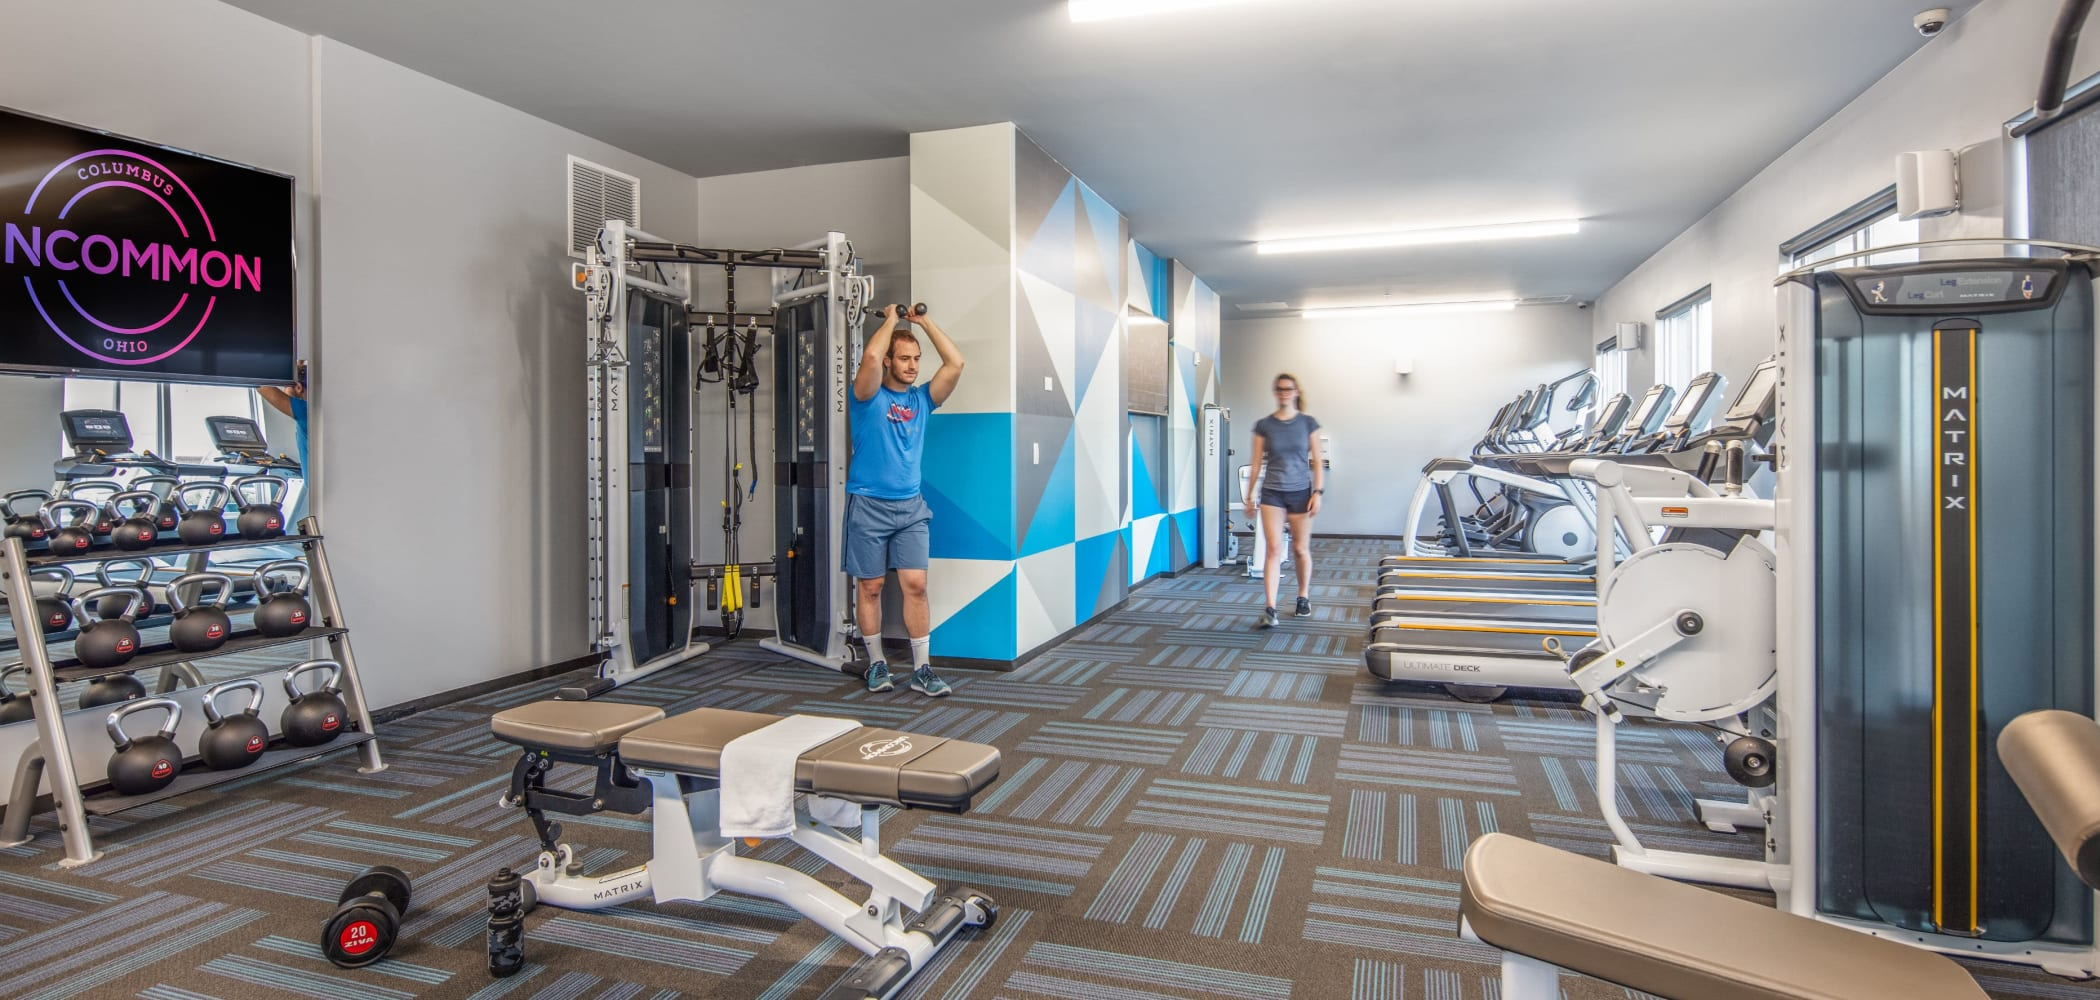 Fitness center at UNCOMMON Columbus in Columbus, Ohio